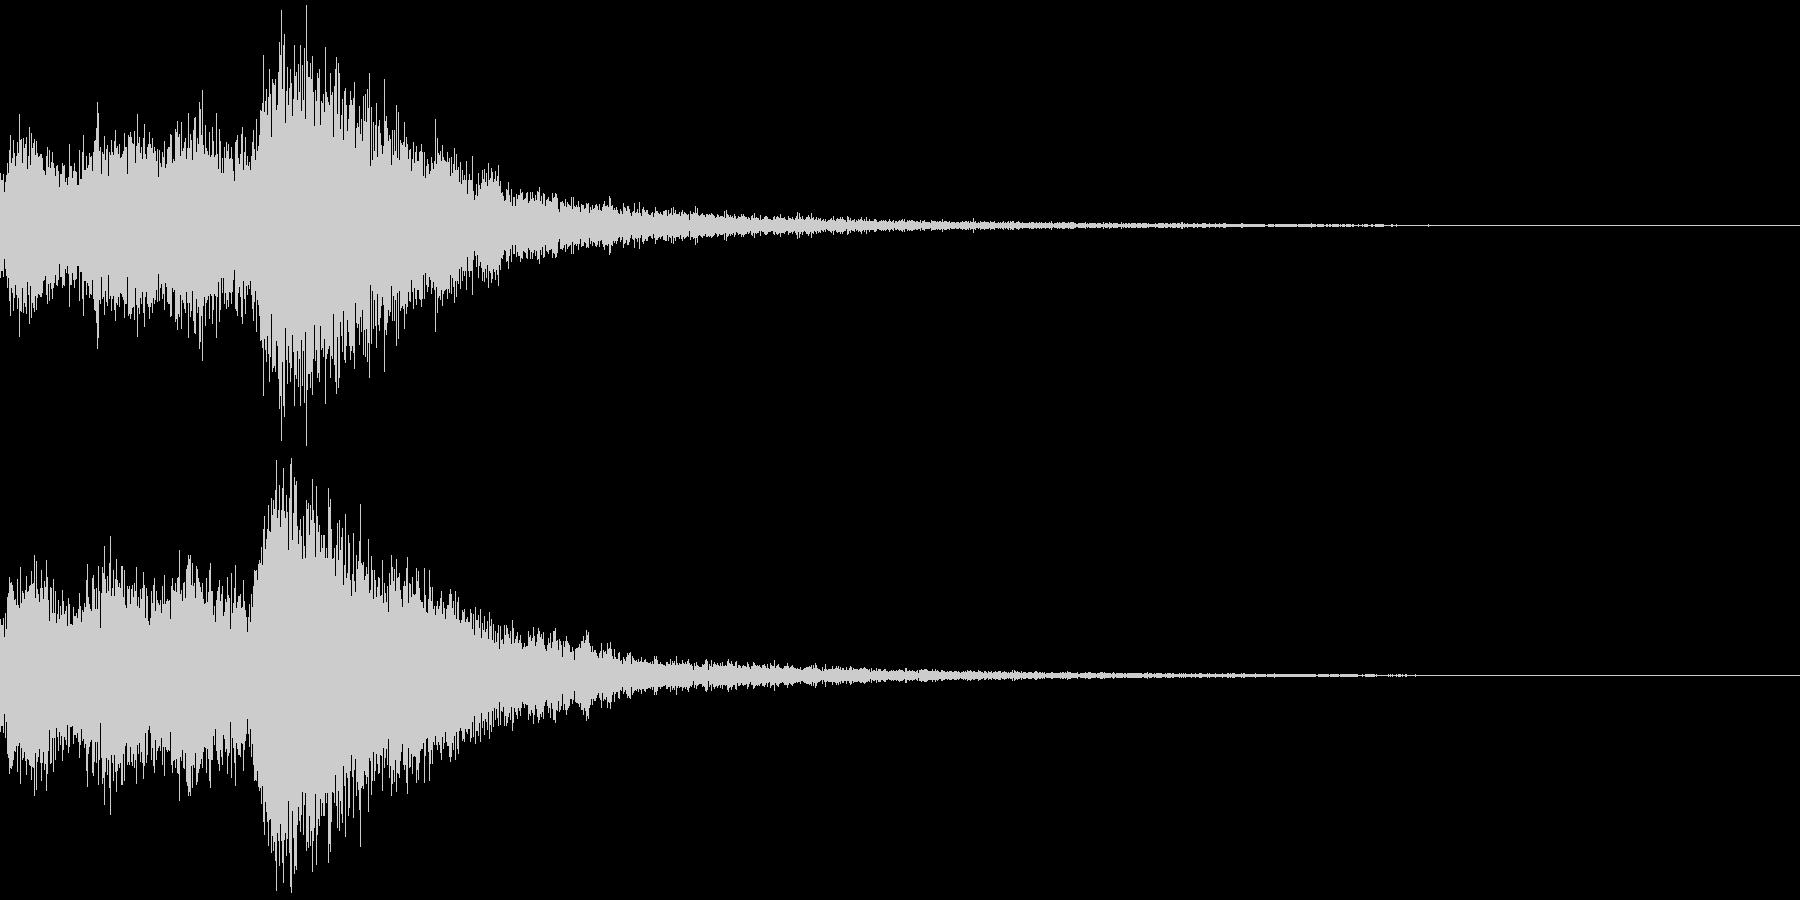 オーケストラヒット ジングル! 03+の未再生の波形